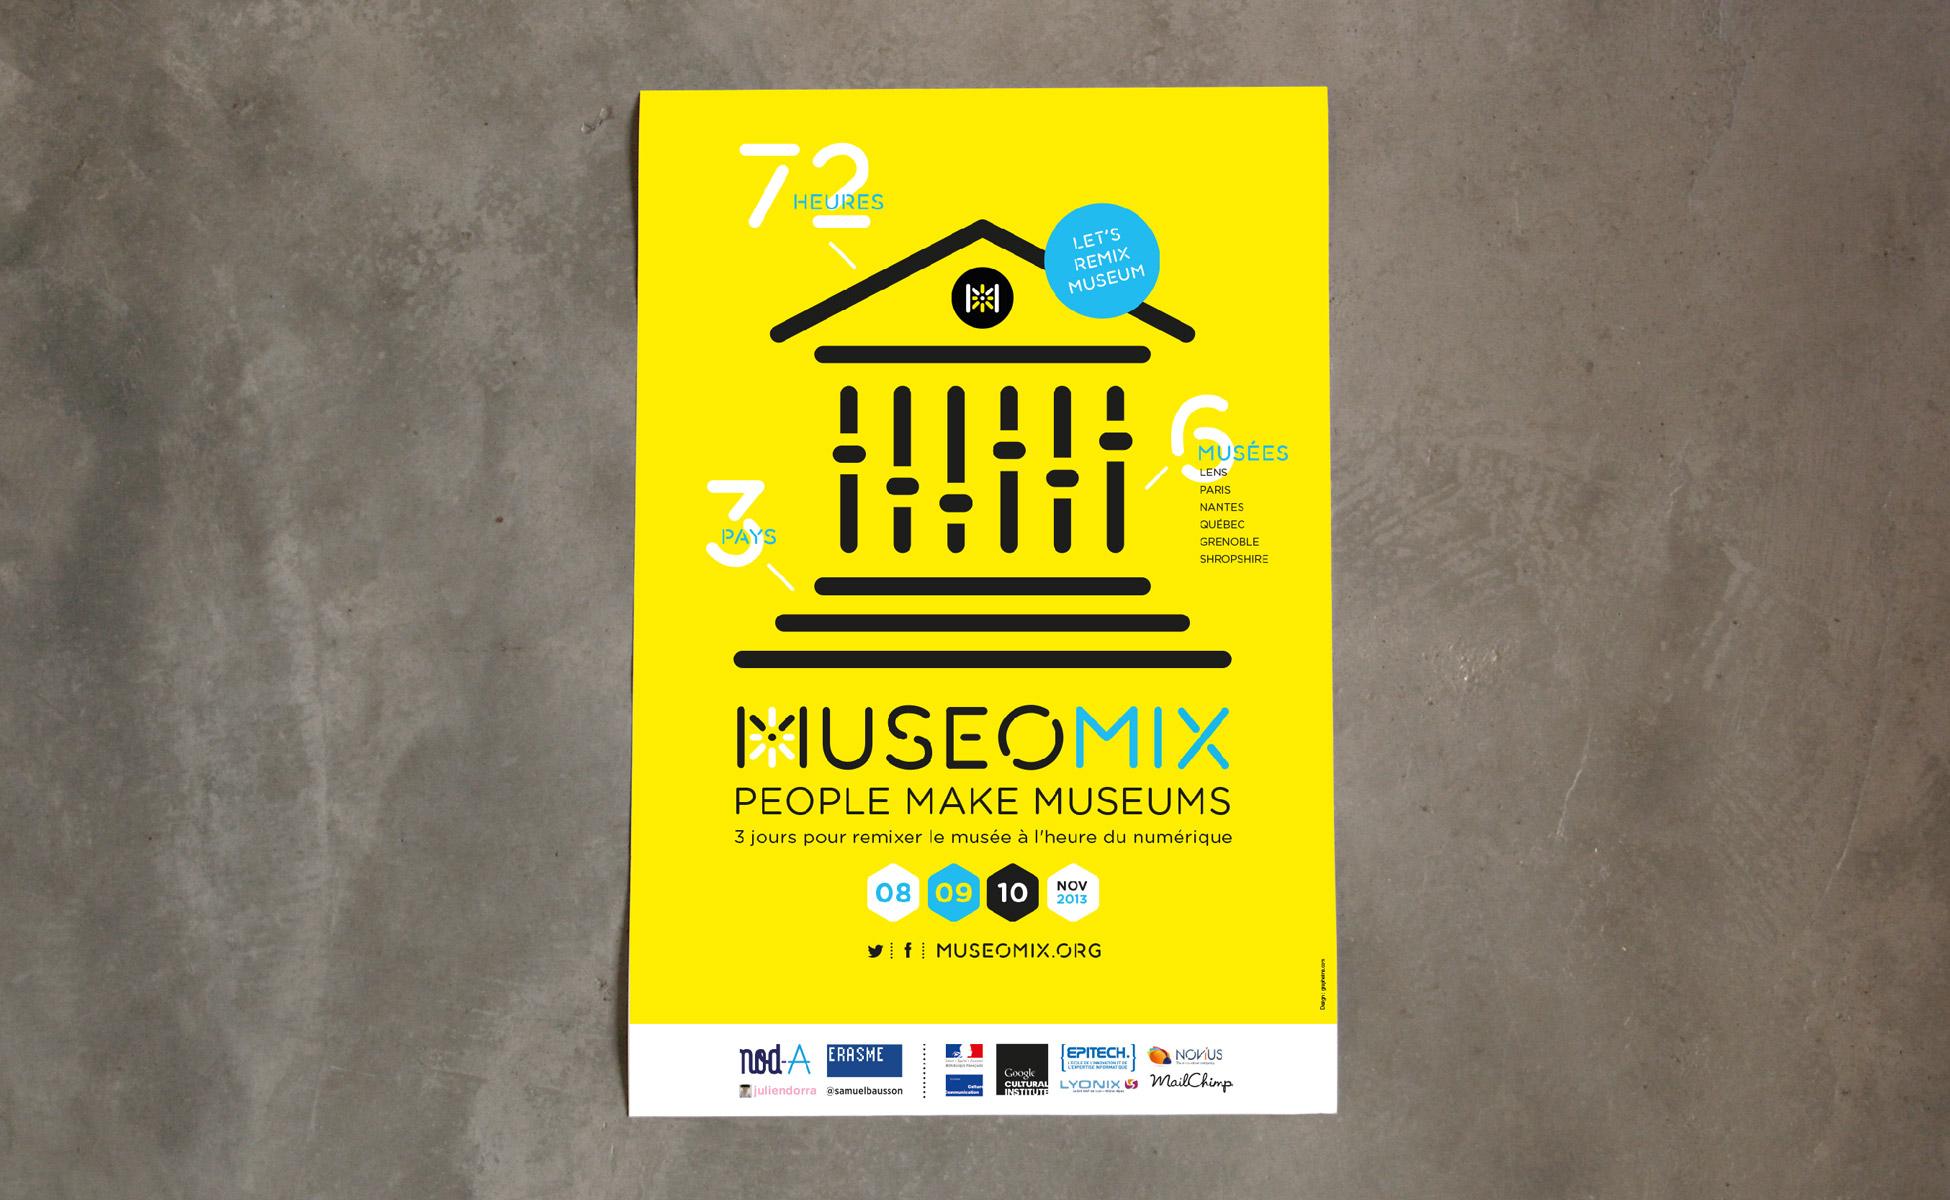 Affiche événement musée numérique museomix 2013